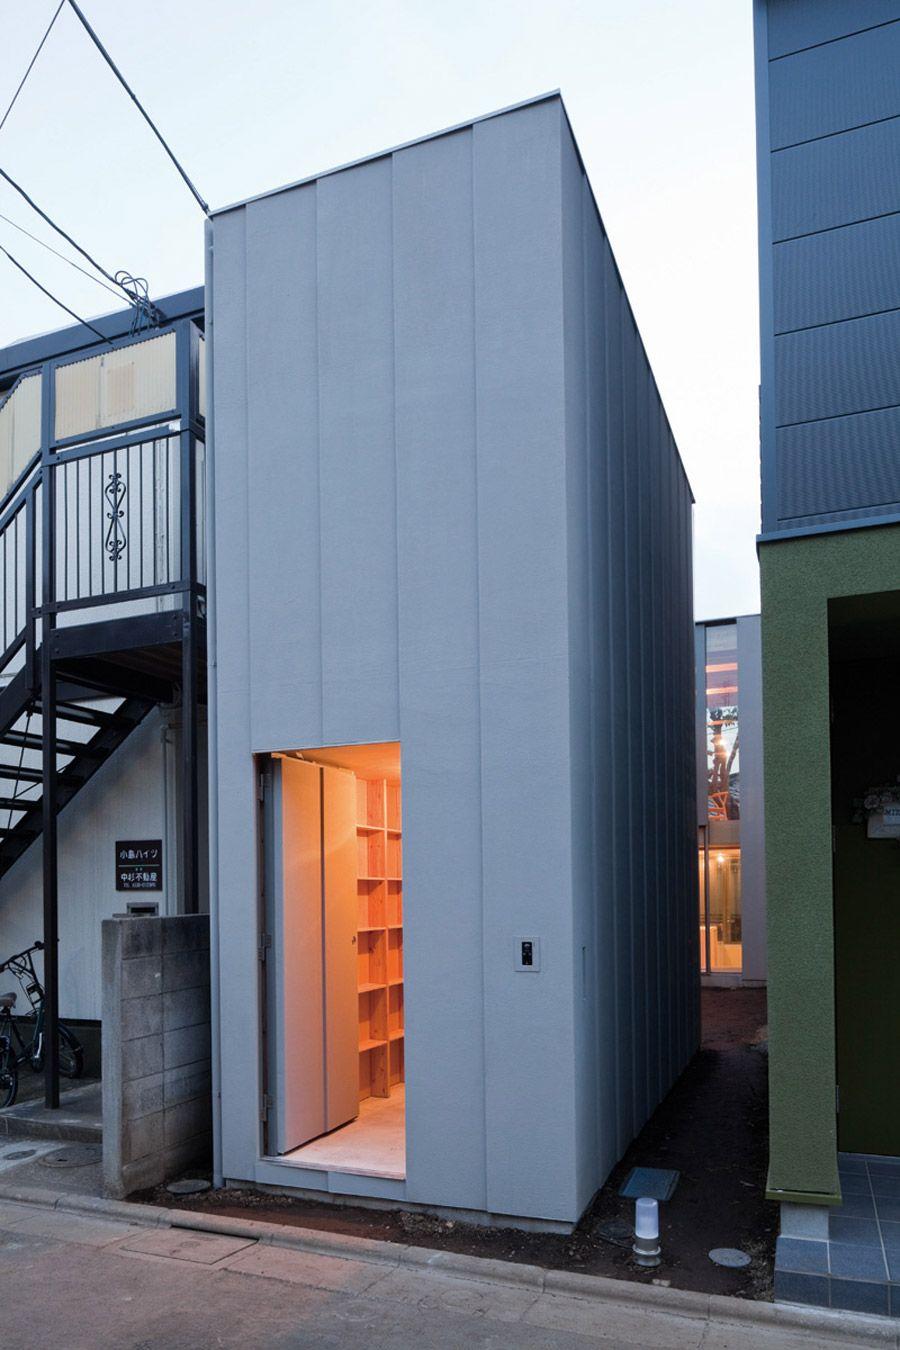 Japanische architektur moderne winzigen haus kleines haus in ohnmacht fallen moderne häuser japanese häuser schmale haus japanische architektur